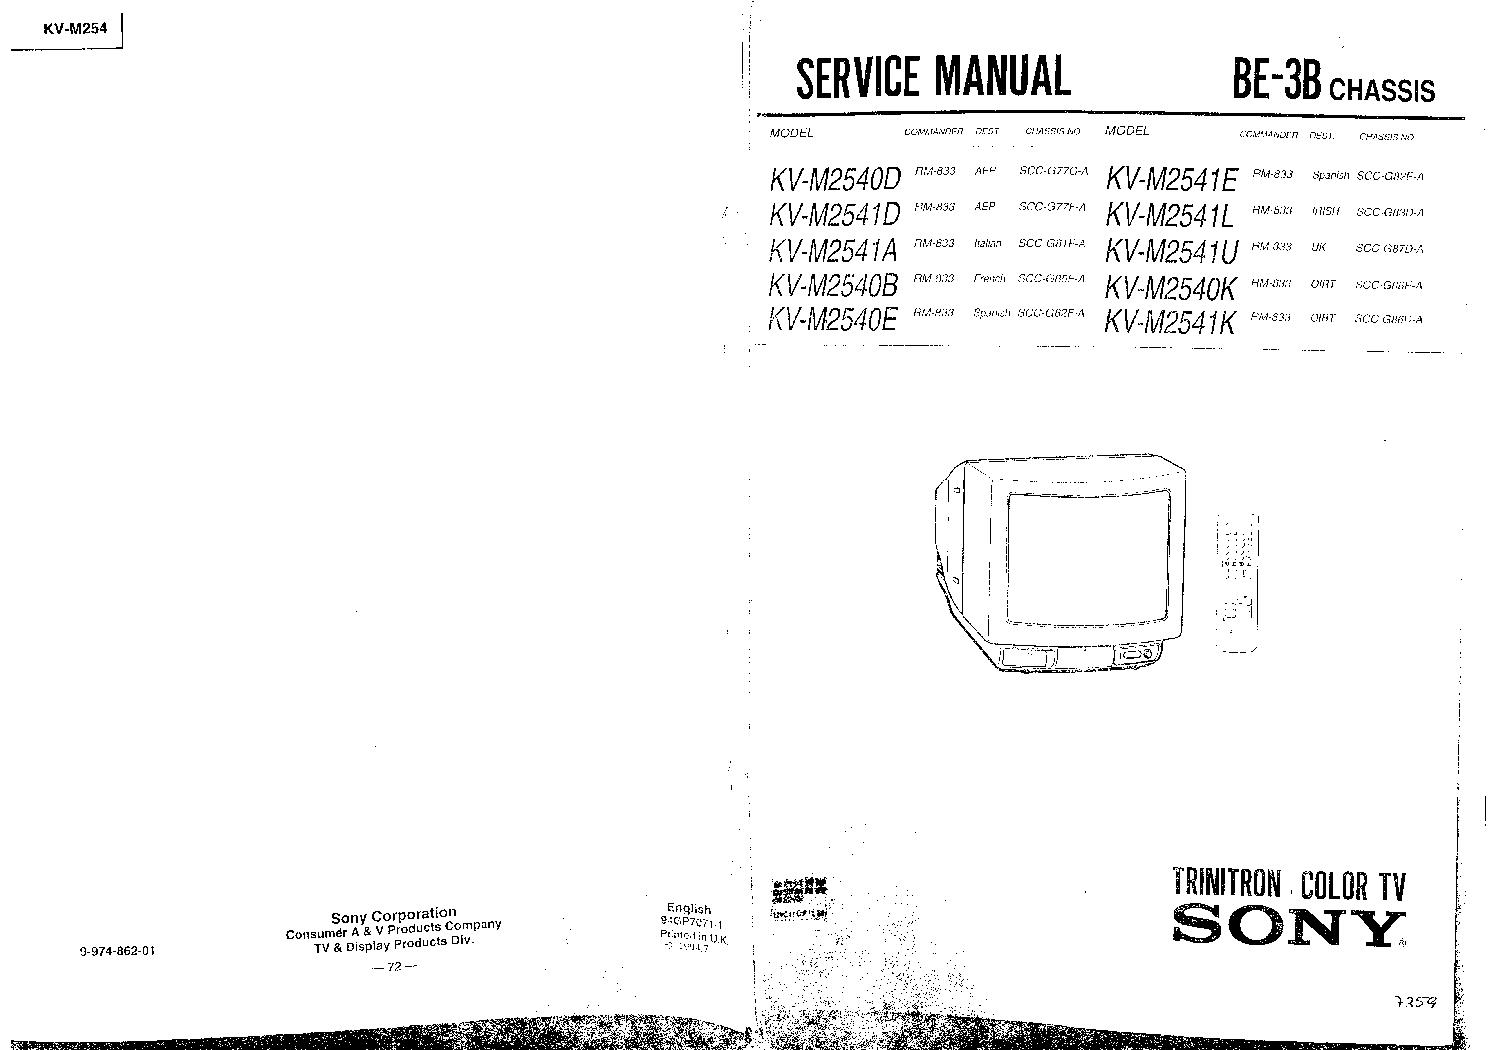 sony kv-m2101k kv-m2100k инструкция по применению